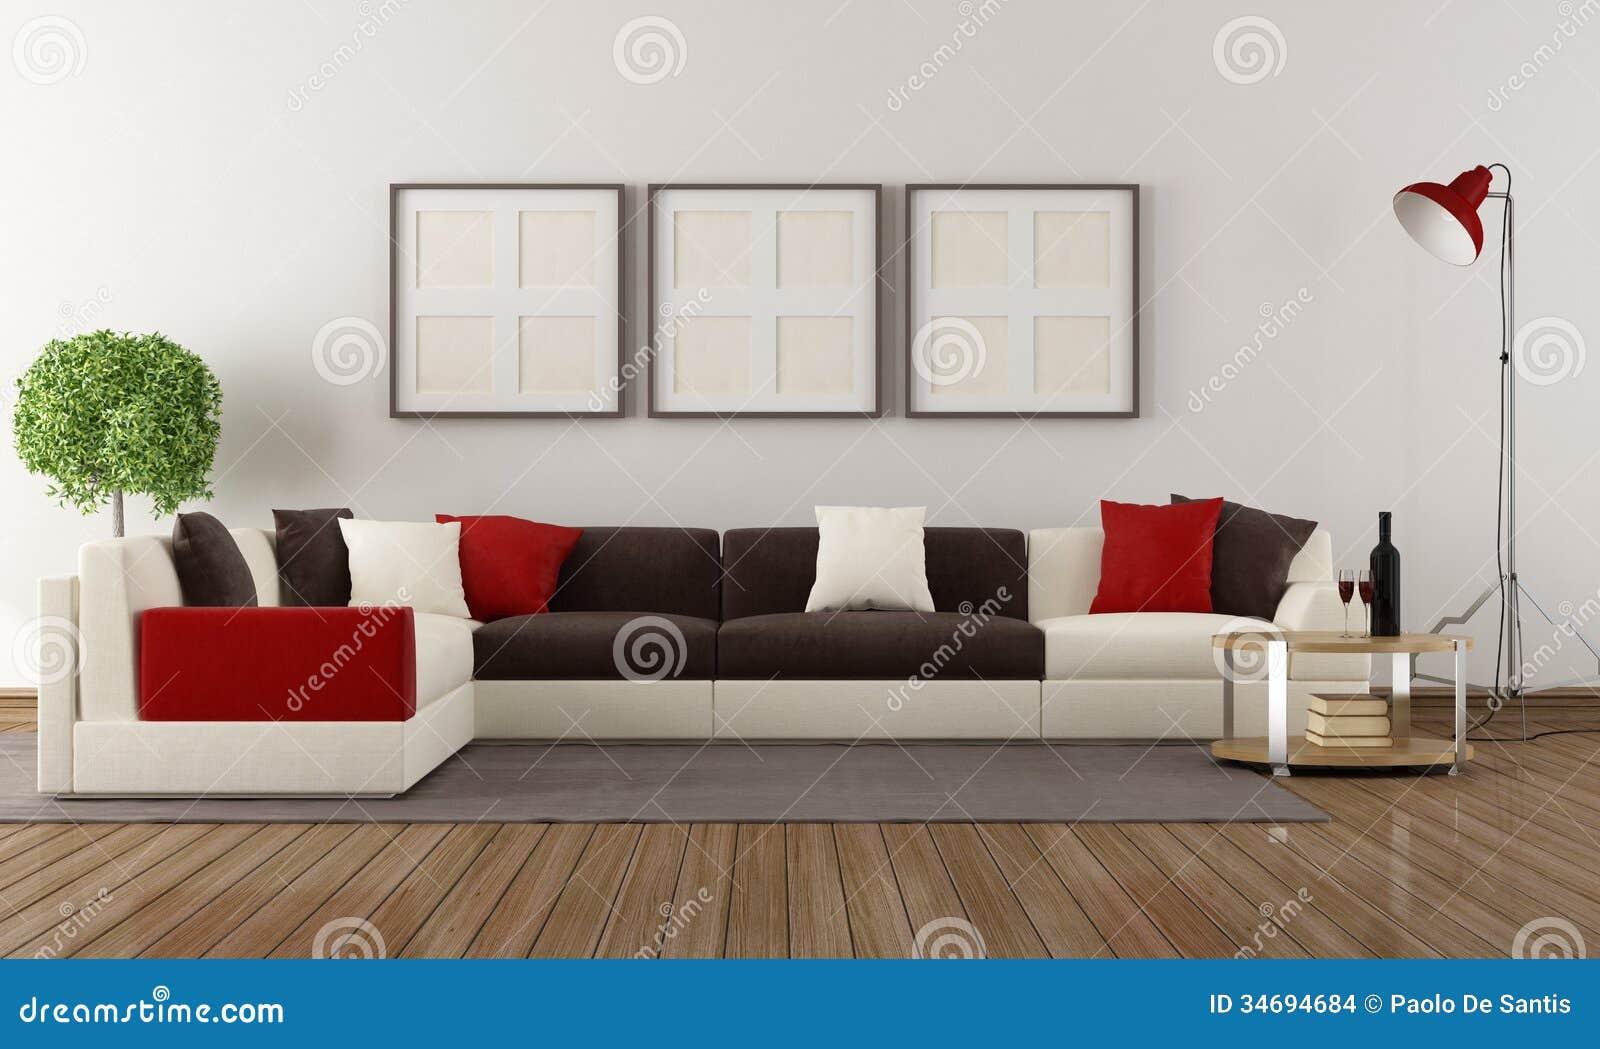 Kleine woonkamer met hoekbank: stoffen hoekbanken pictures to pin on.